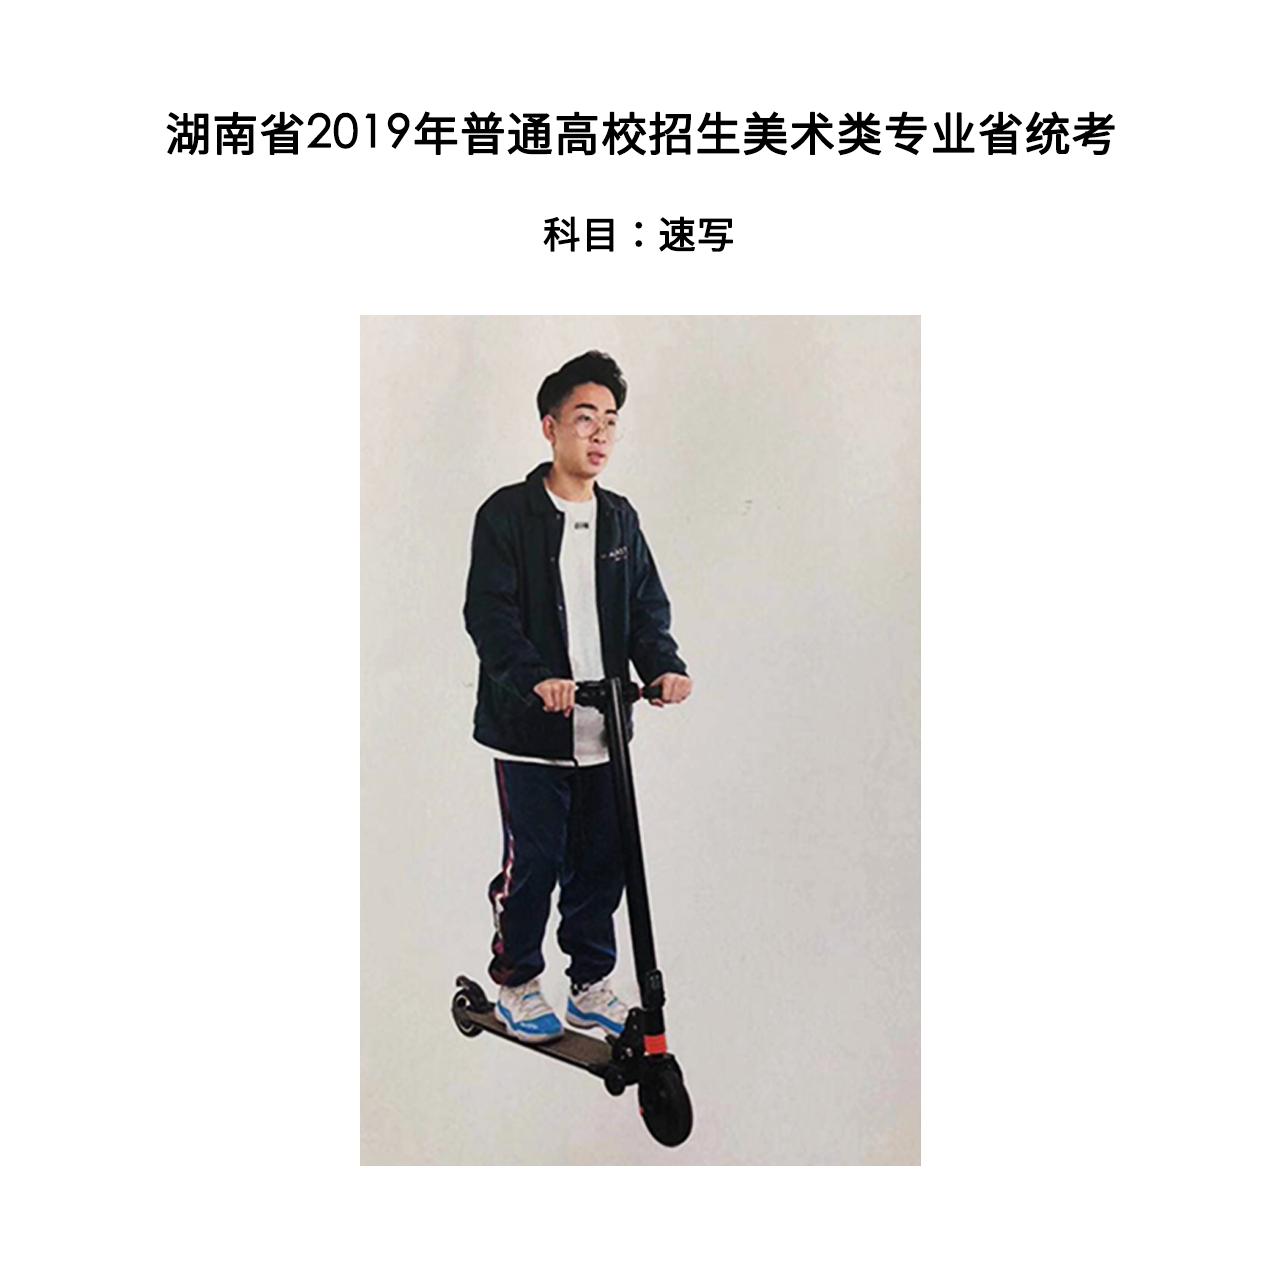 2019速写.png